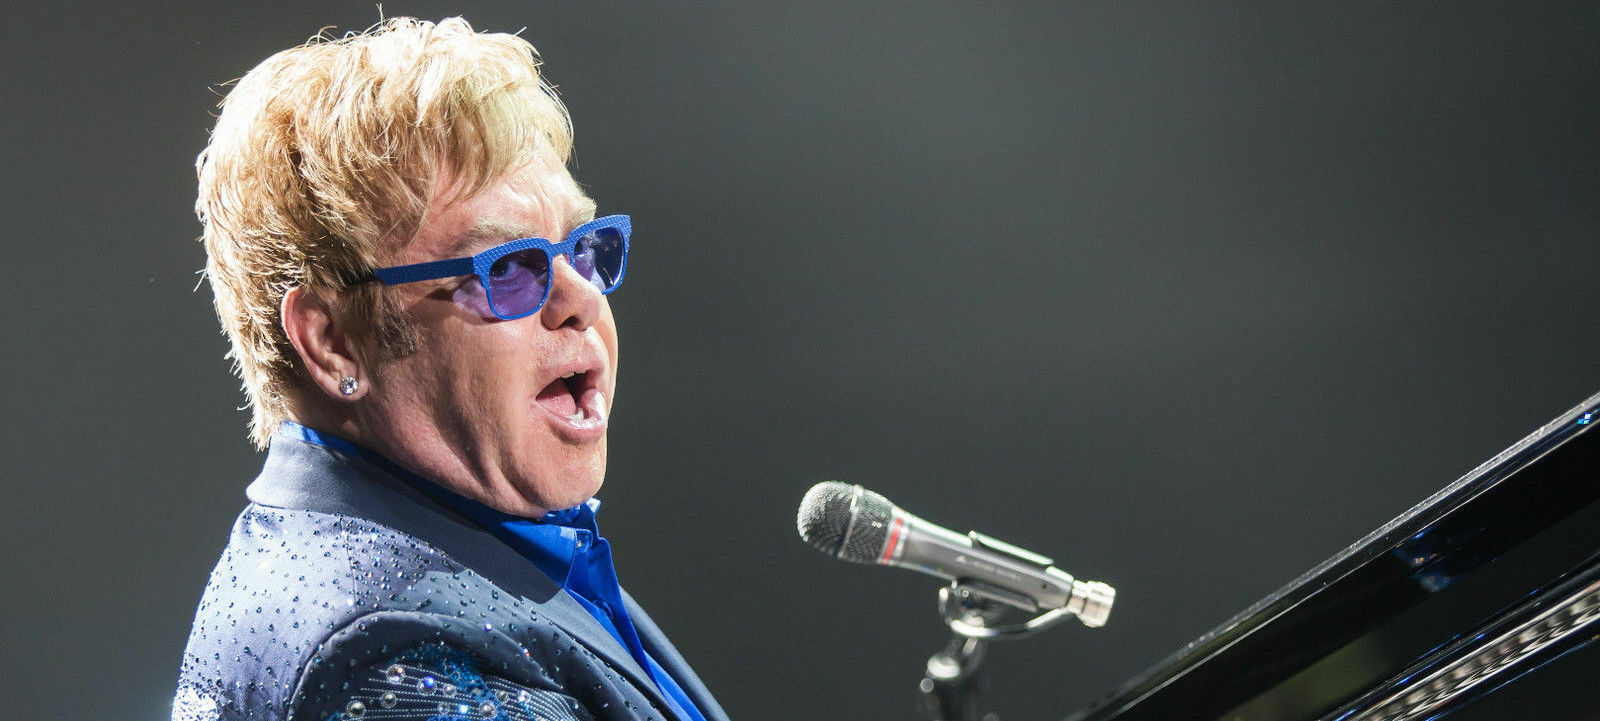 Elton john tour dates in Australia